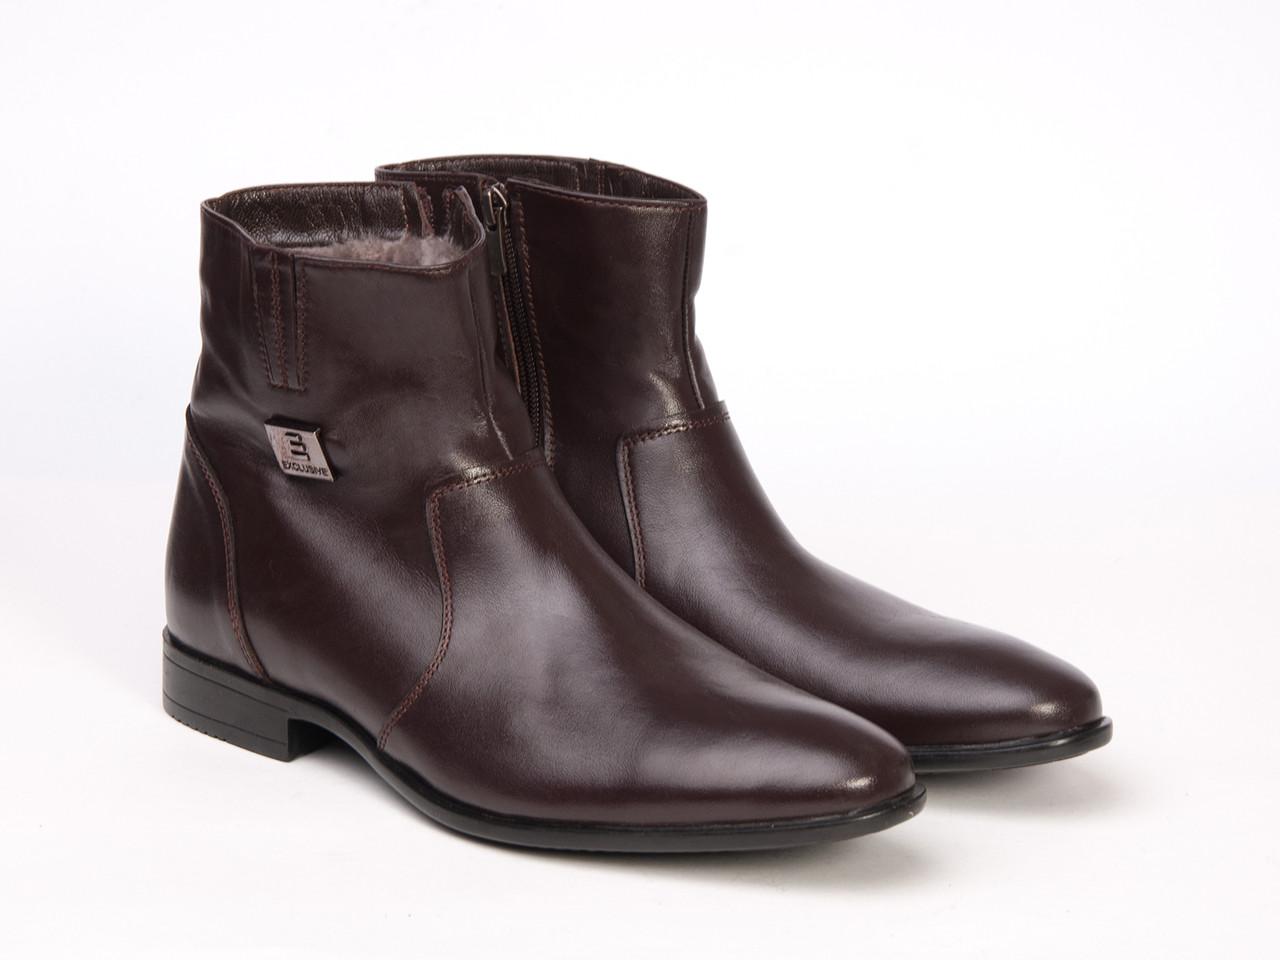 Ботинки Etor 11069-5779-3615 коричневые